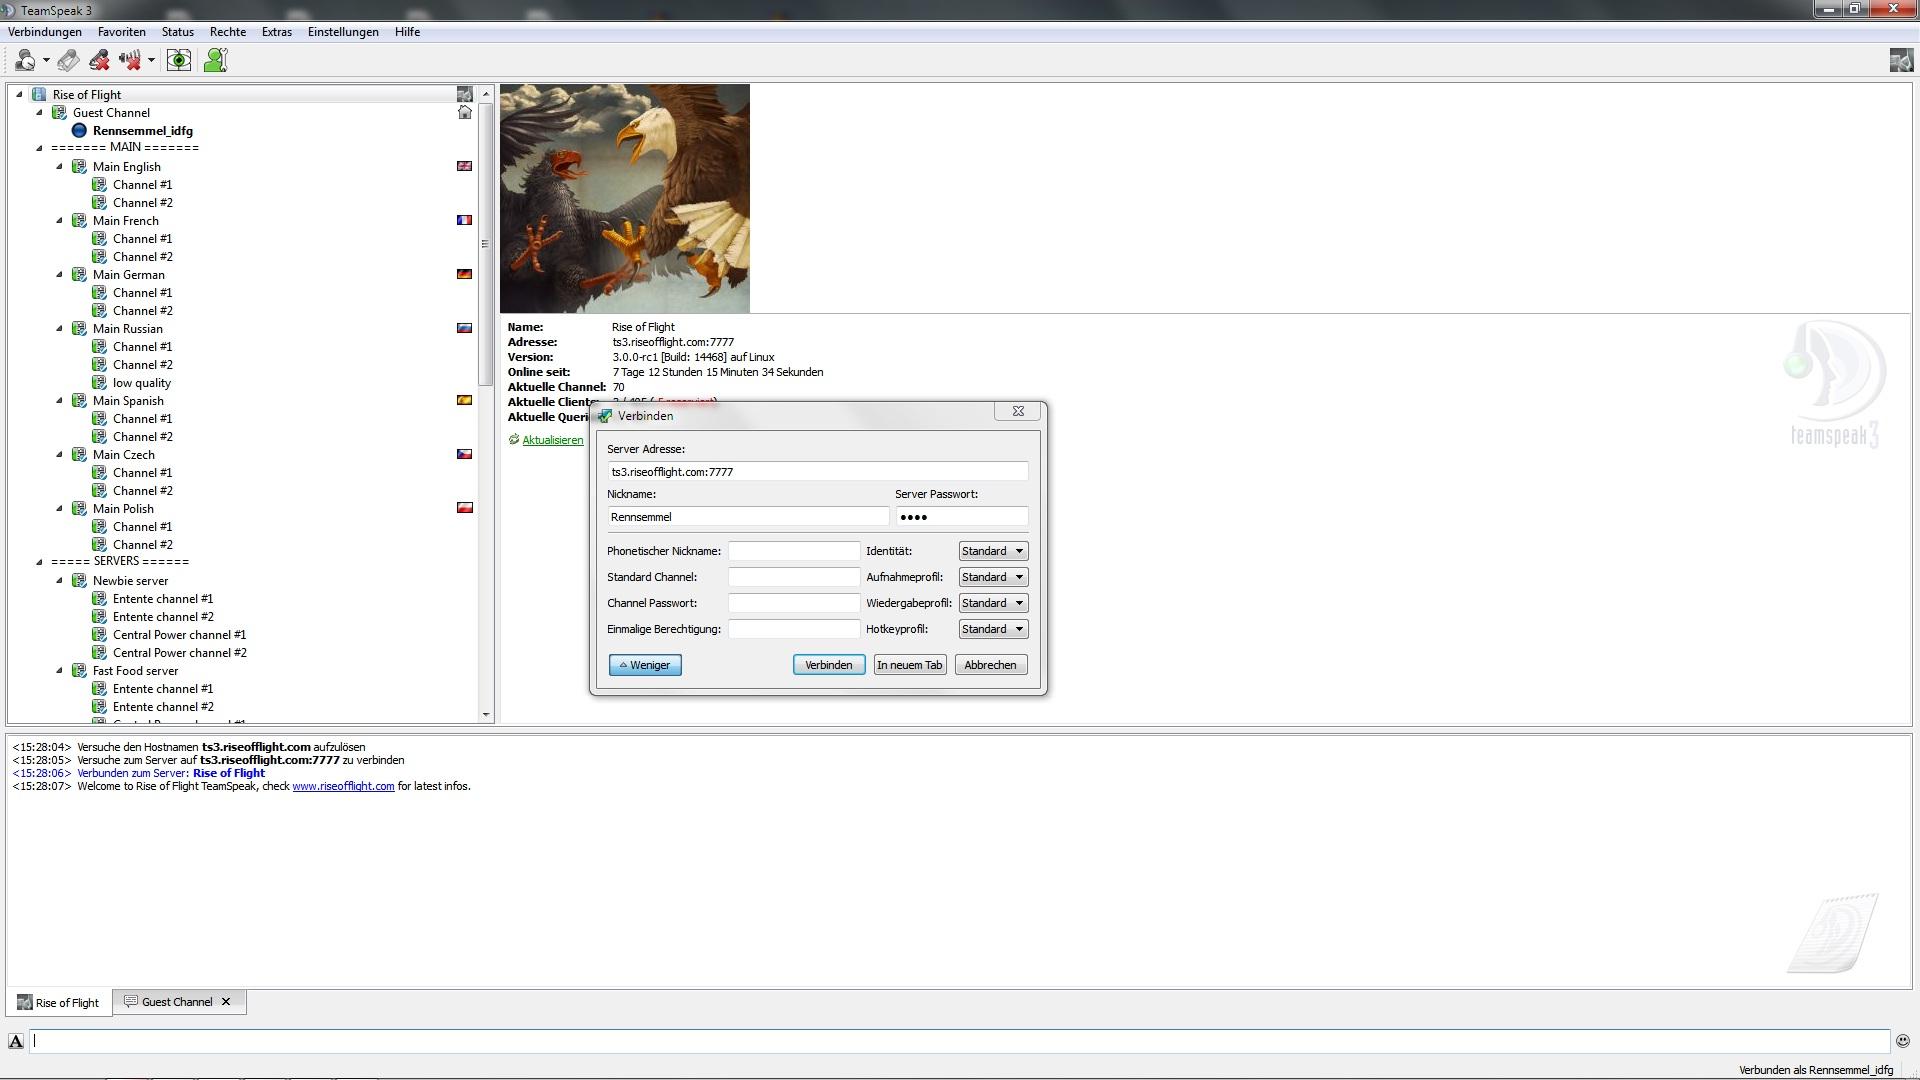 Unofficial public ROF Teamspeak 3 Server up! - Announcements